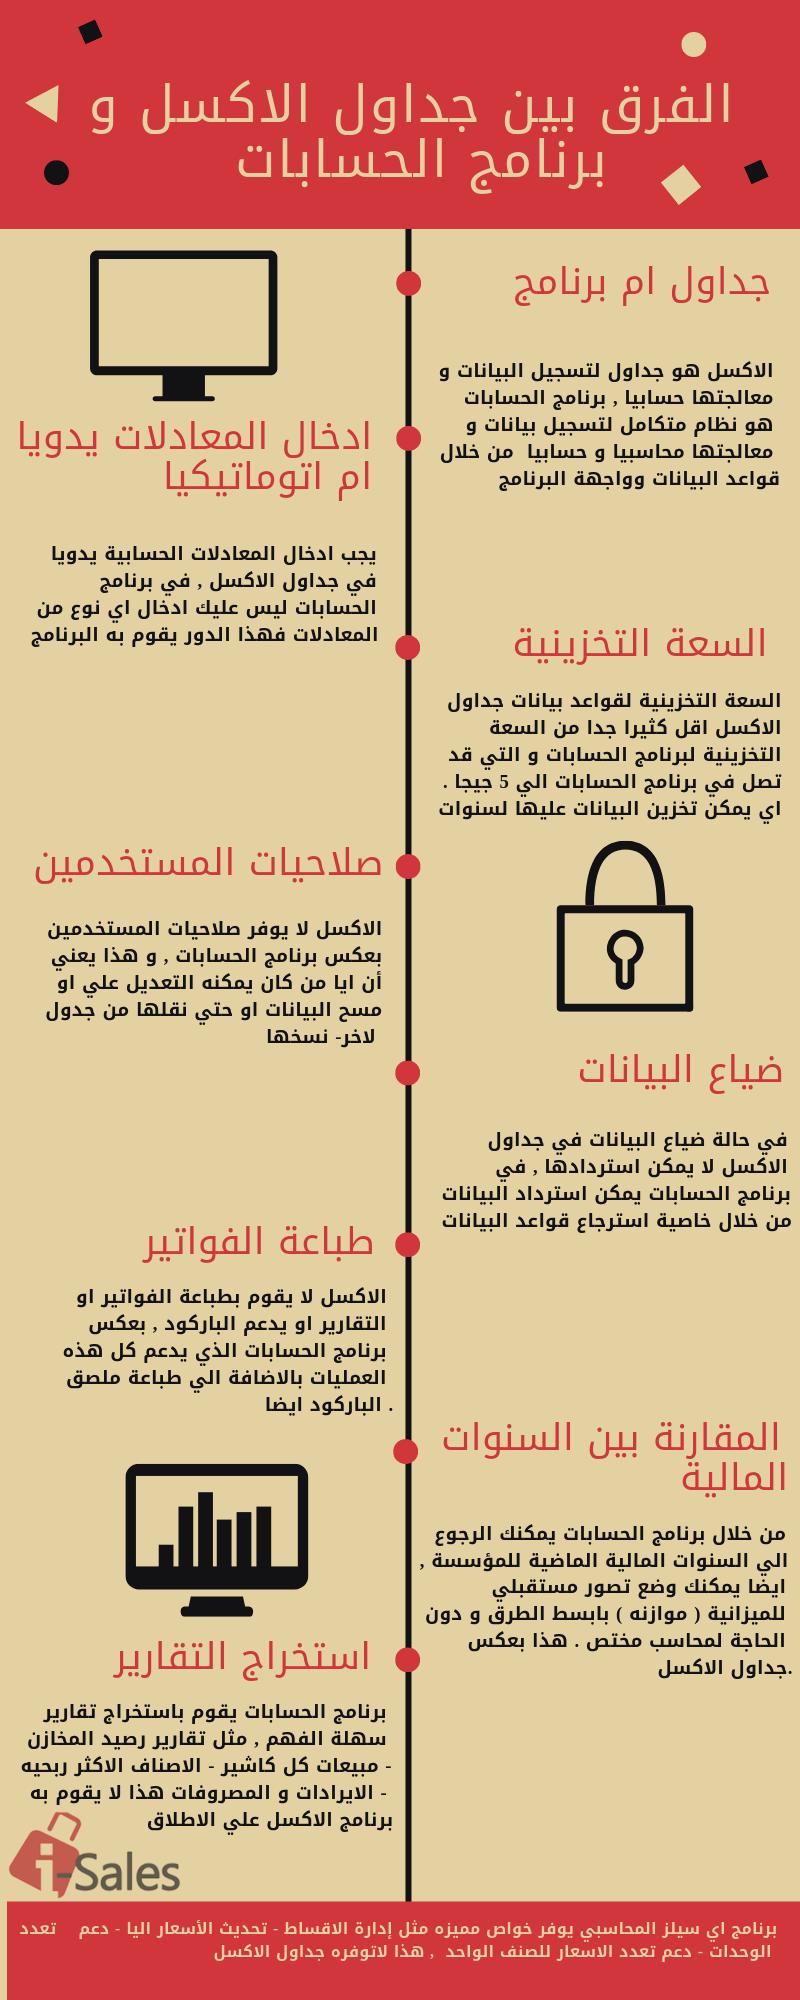 برنامج حسابات المؤسسات